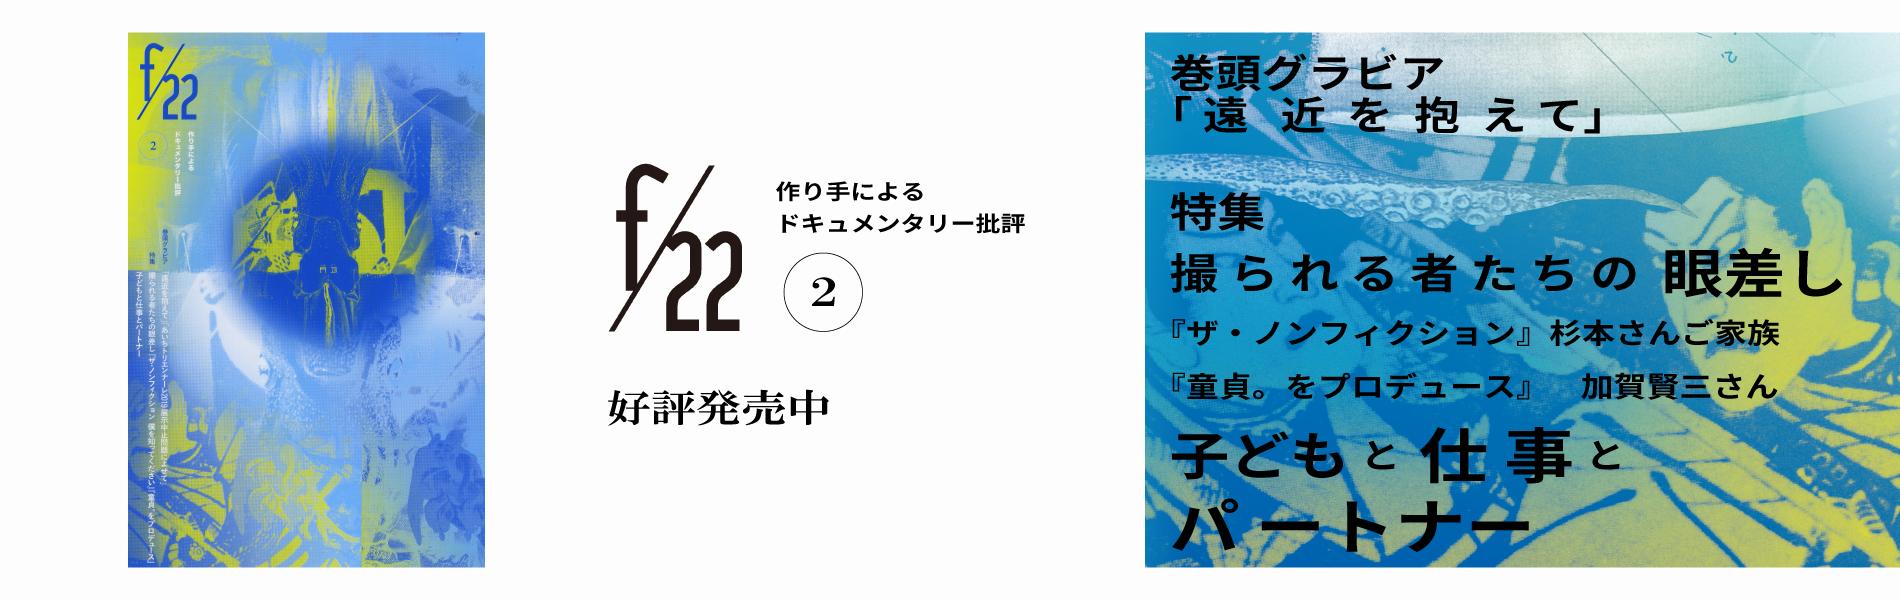 f/22第2号 好評発売中